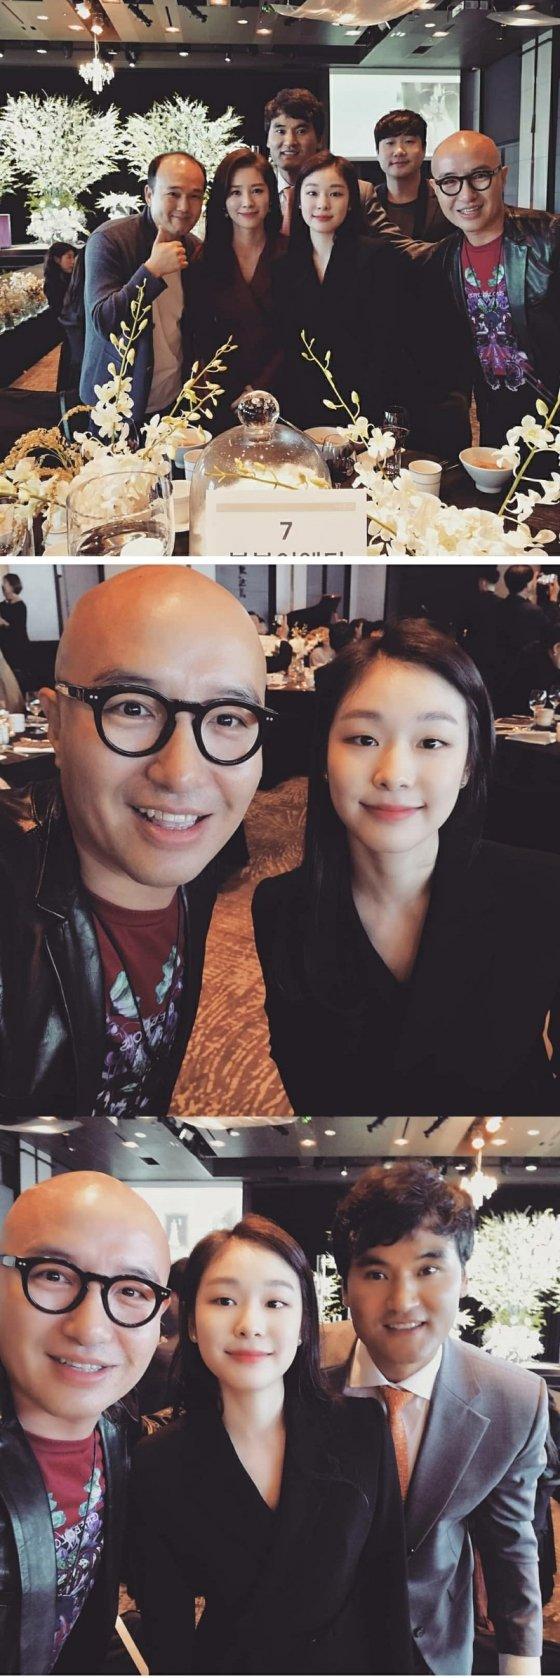 이상화와 강남 결혼식에 참석한 김연아/ 사진= 홍석천 인스타그램 캡처본